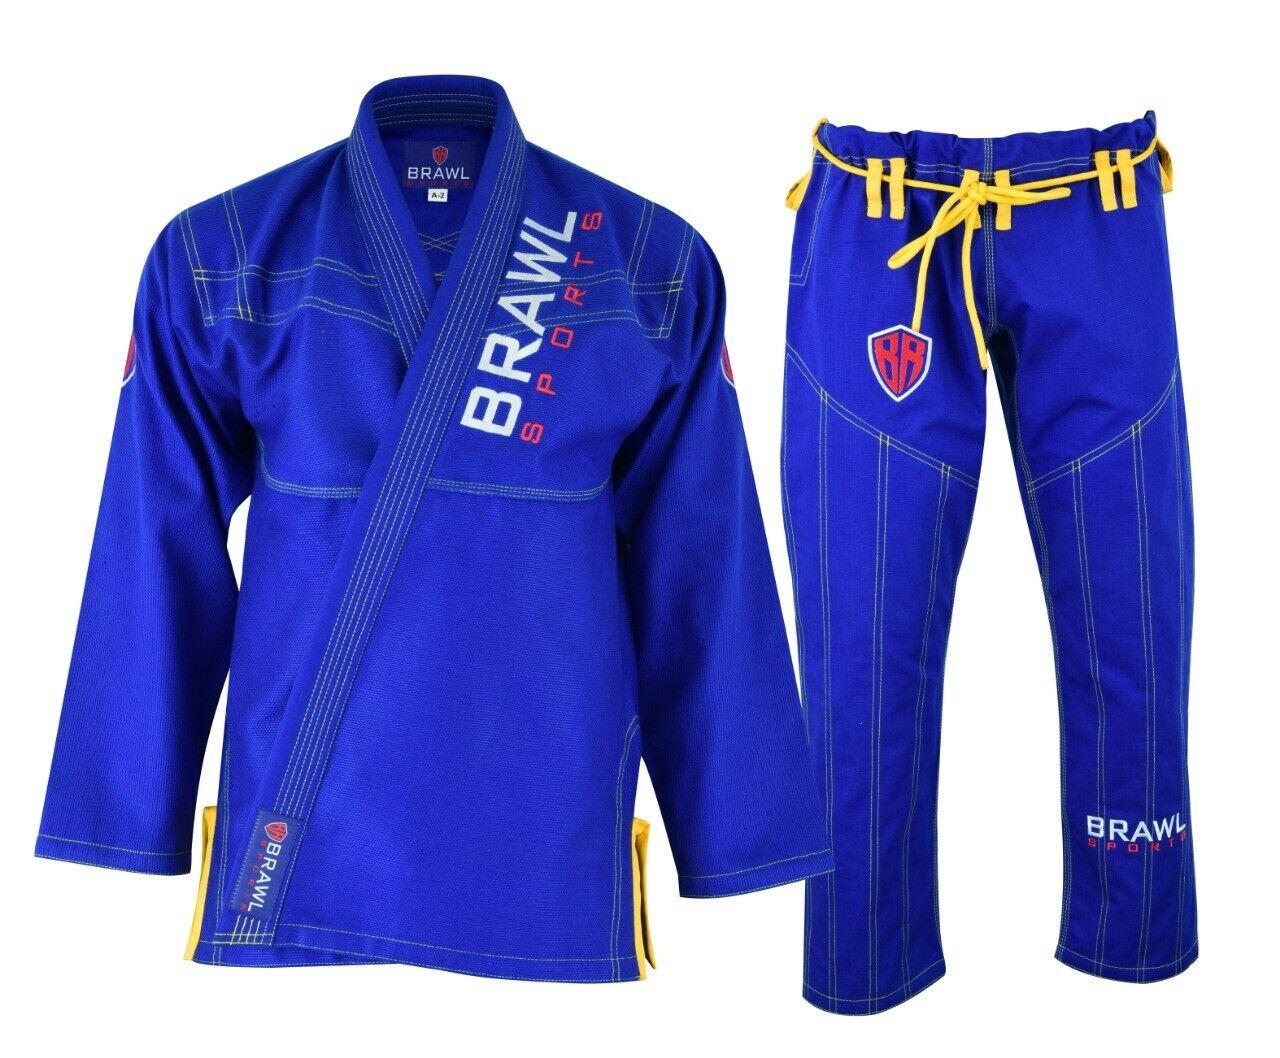 BRAWL BJJ Gi Men Uniform Brazilian Jiu Jitsu Kimono  Suit bluee A0 A1 A2 A3 A4 A5  great offers